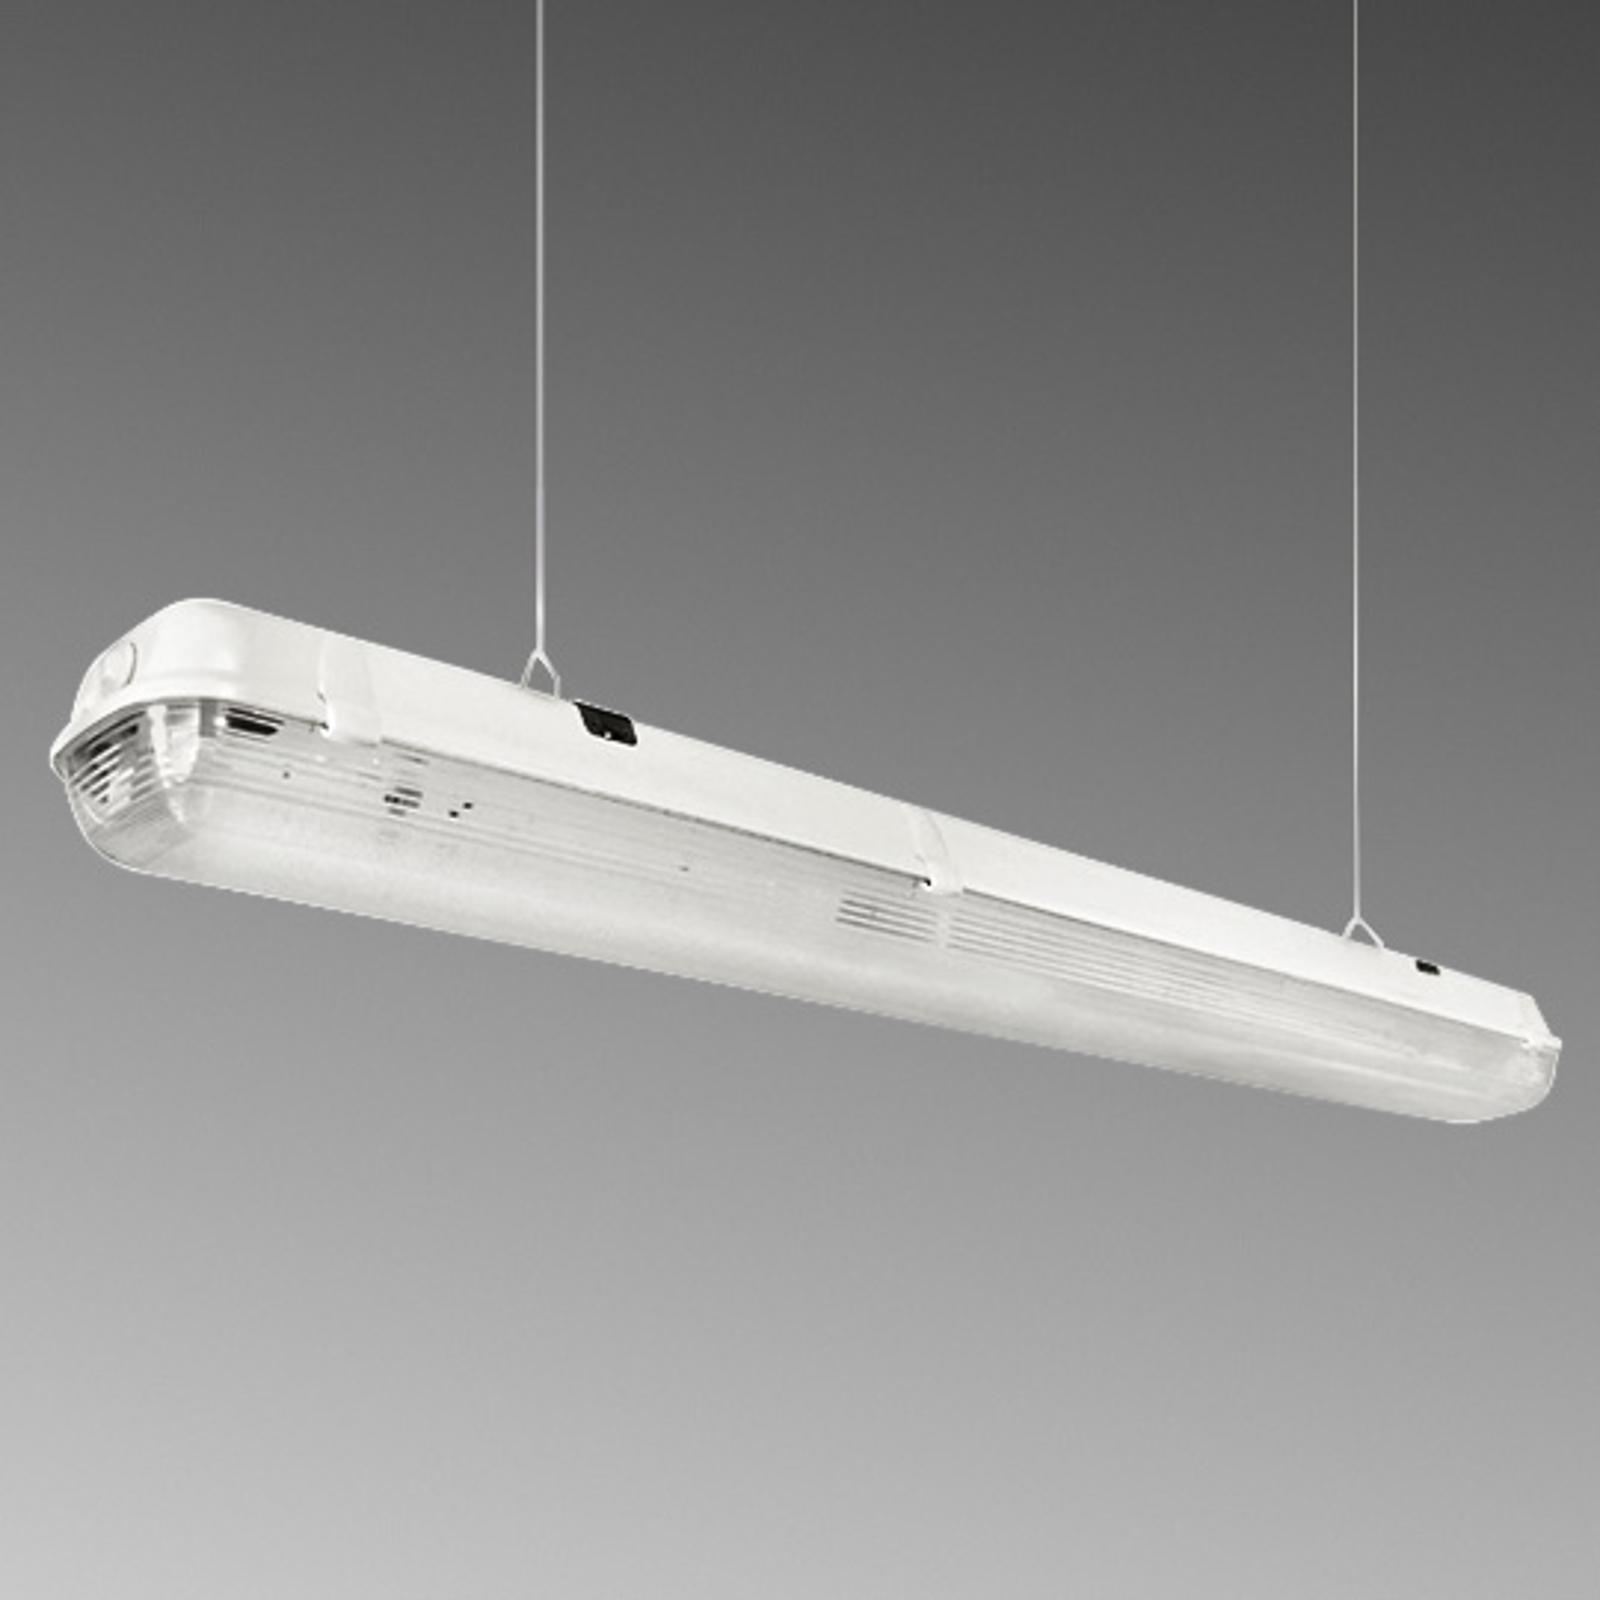 Plafoniera stagna LED per l'industria, 95 W